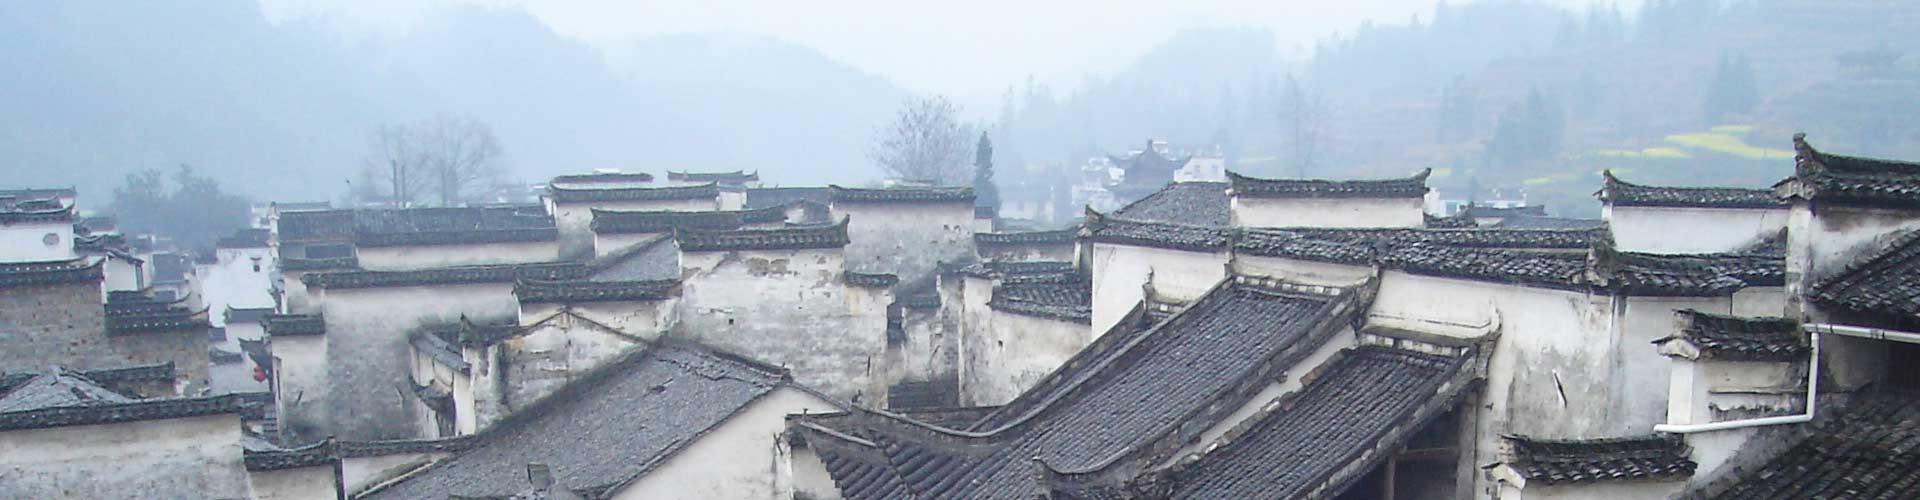 village de Chengkan